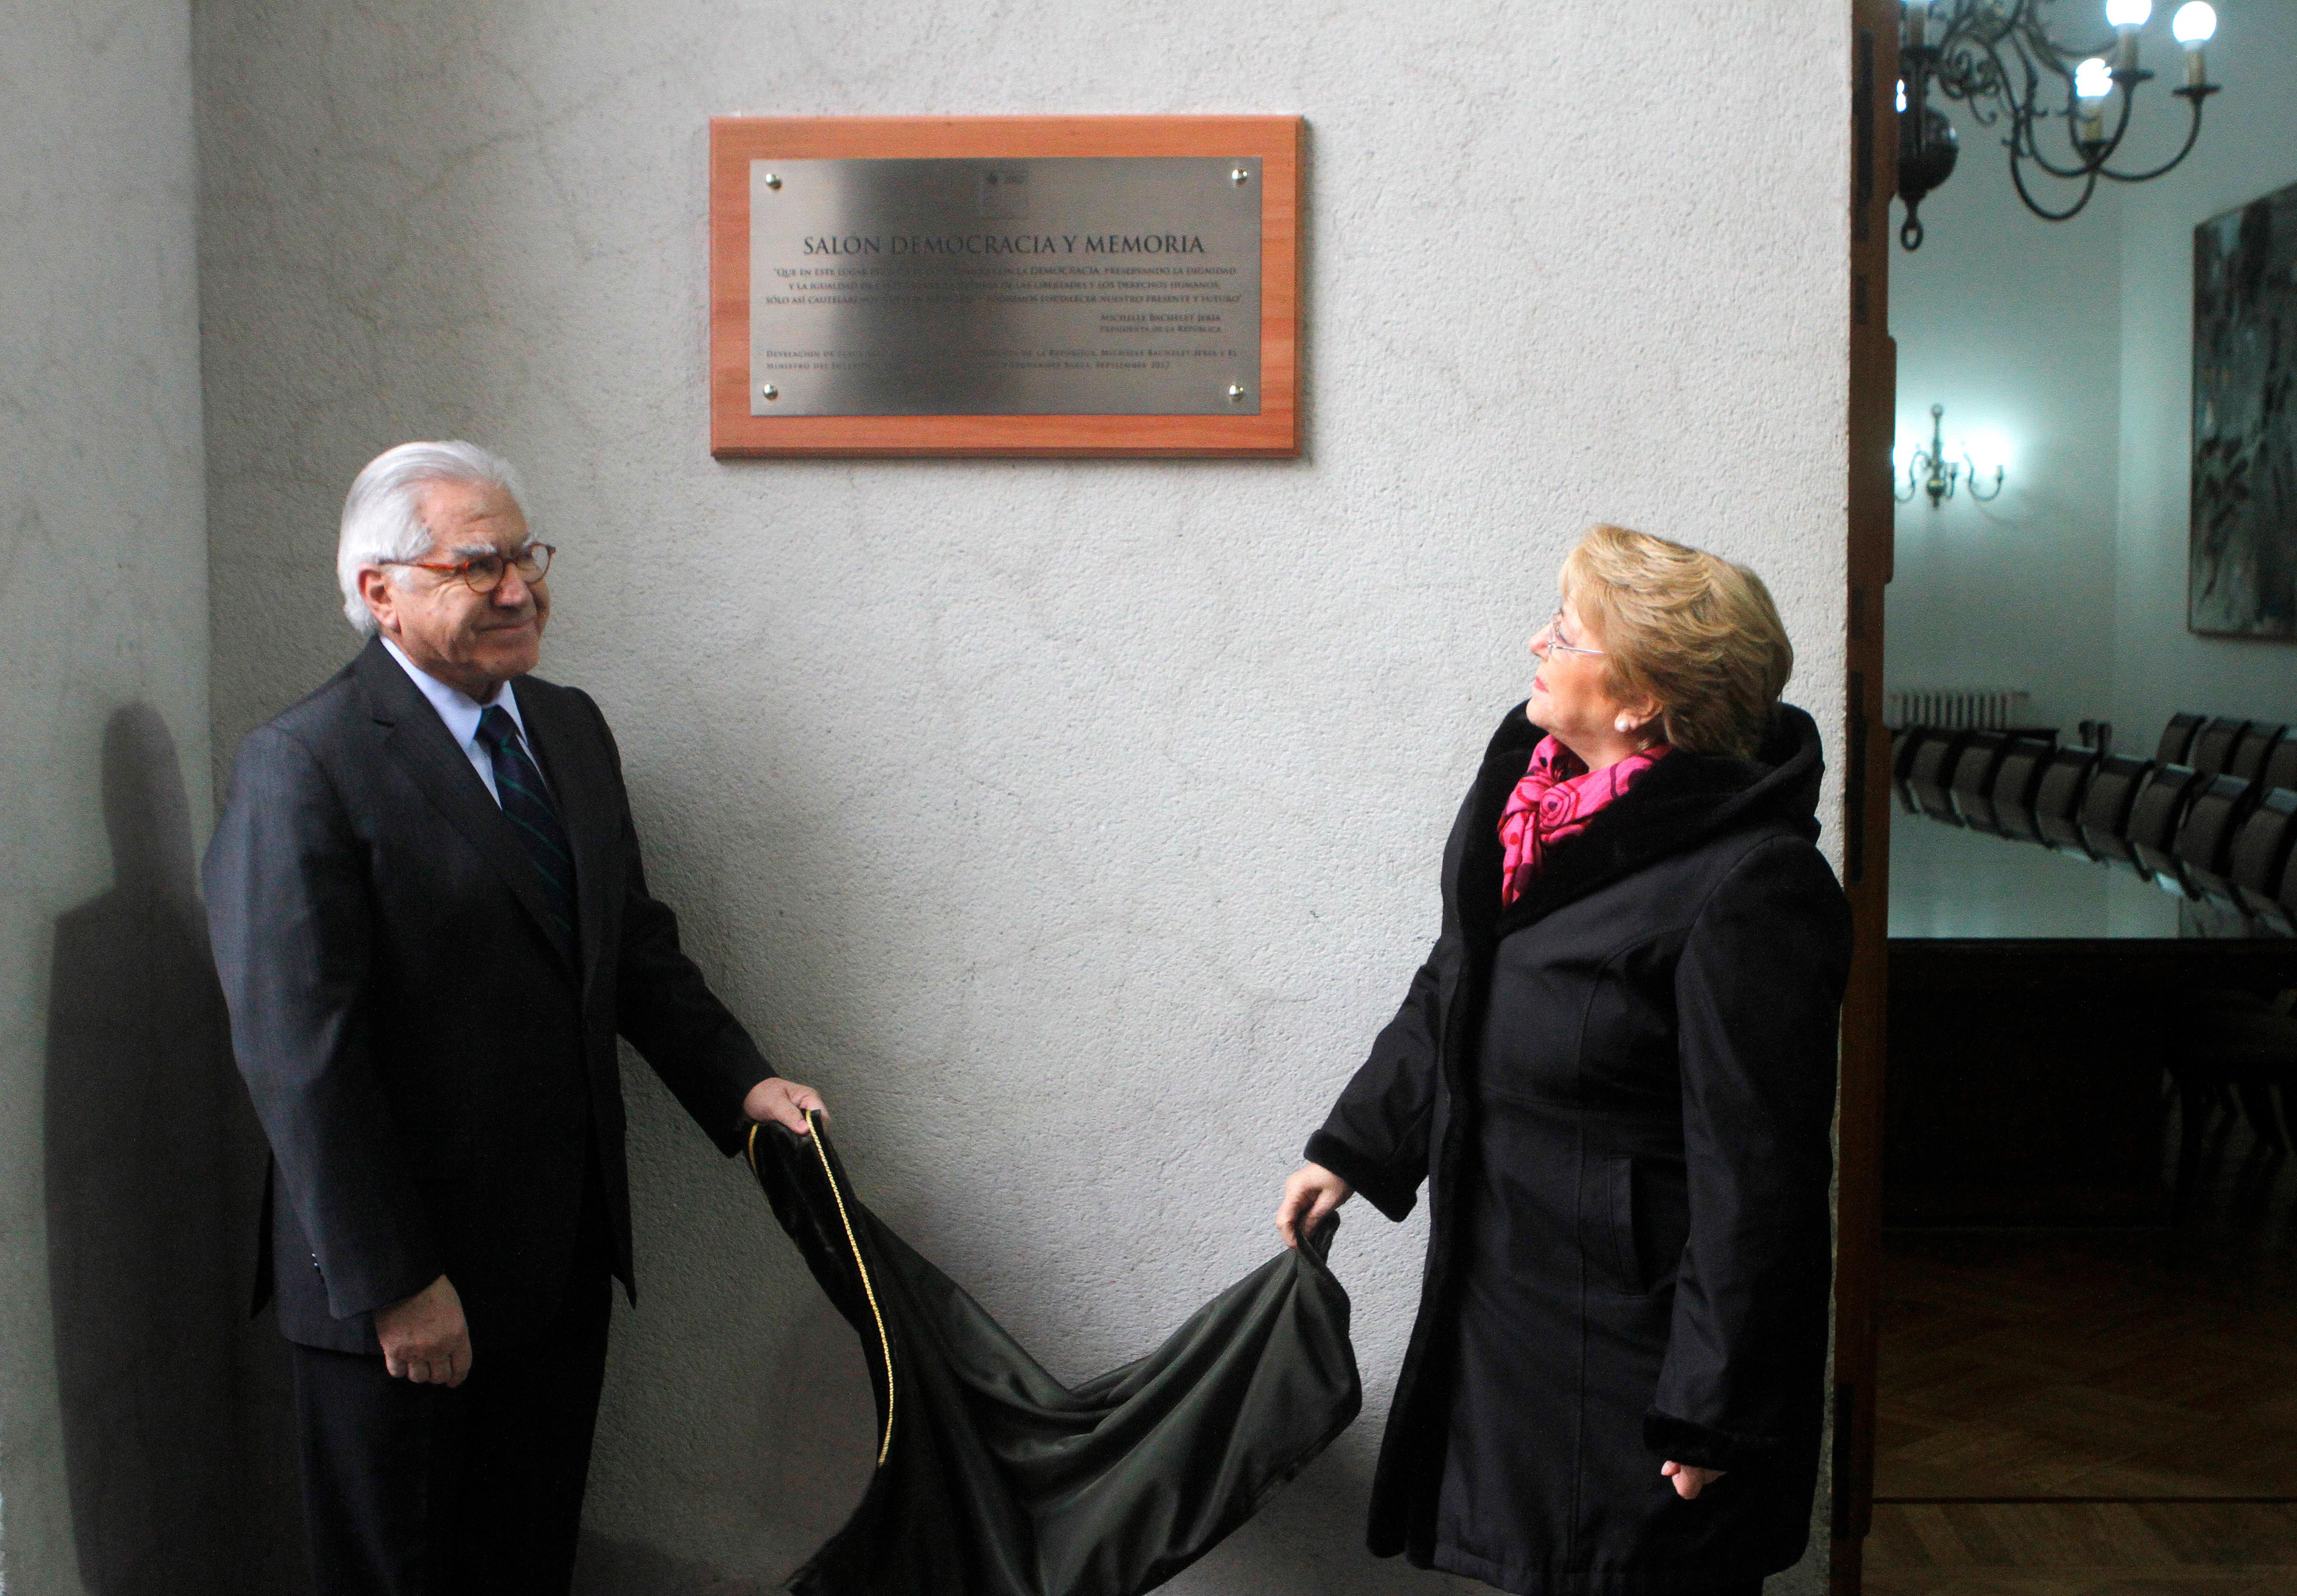 José Antonio Kast increpado por asistir a homenaje a Allende: el viernes pidió remover su estatua